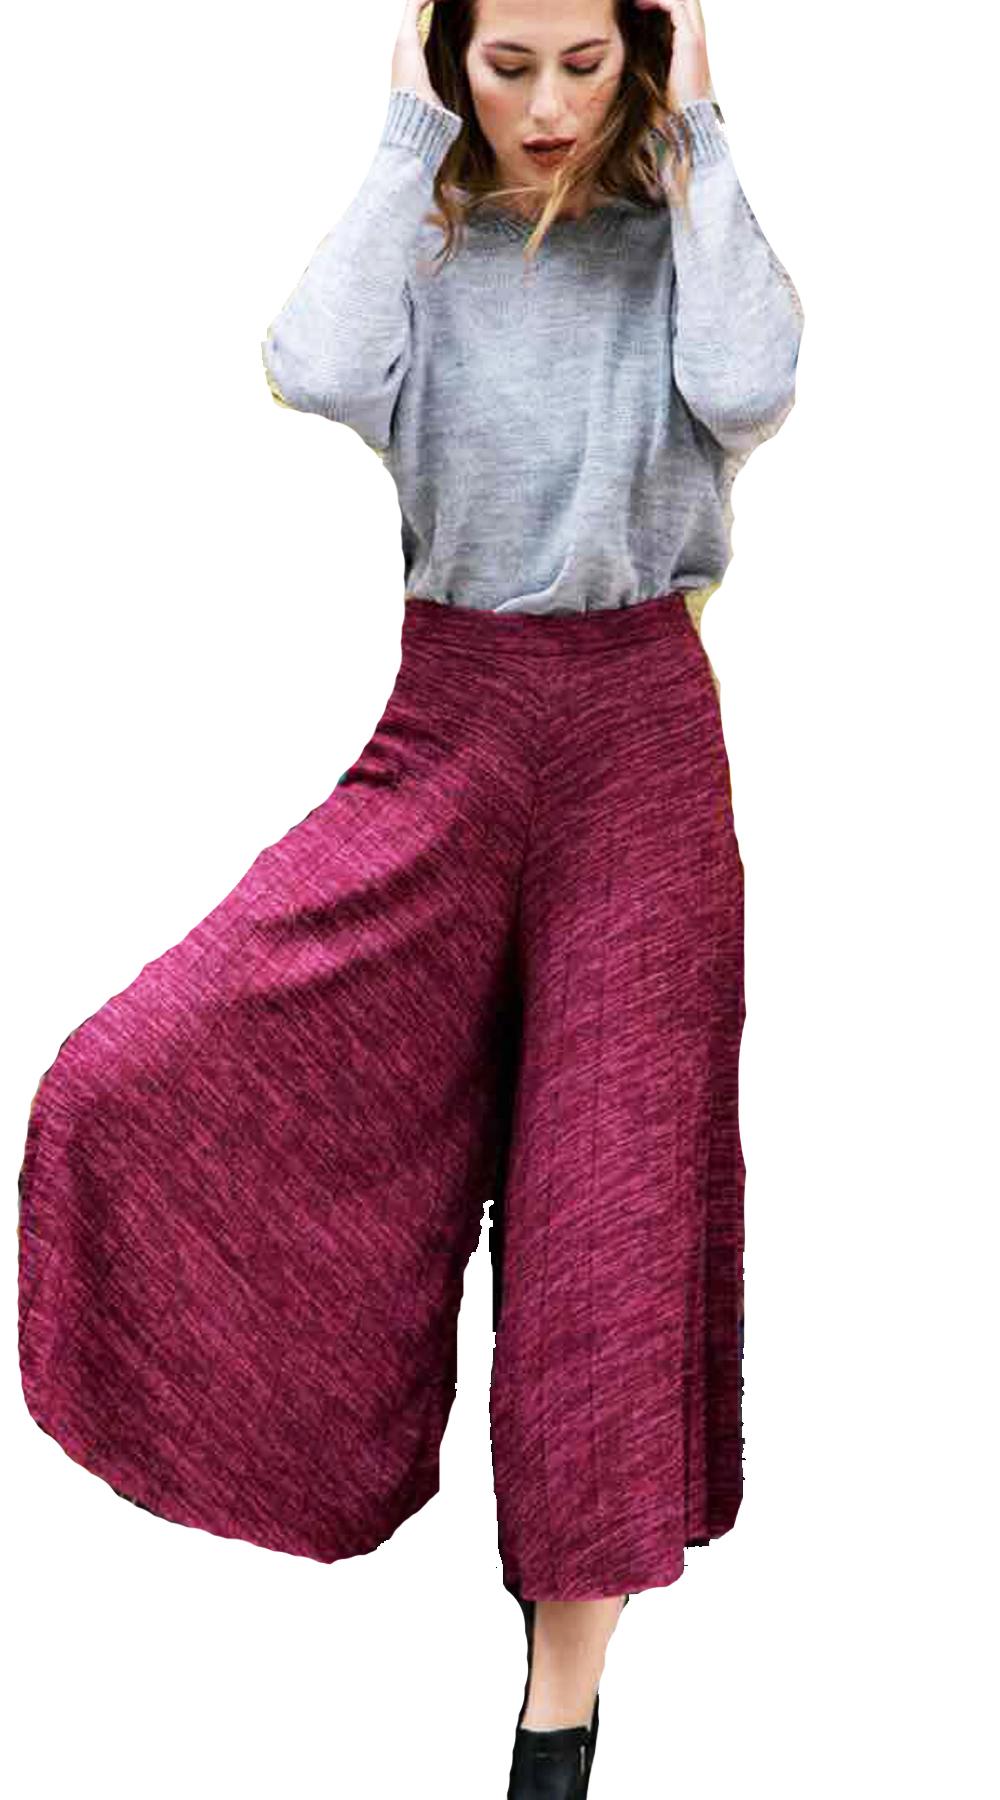 Γυναικείο παντελόνι πλισέ ζιπ κιλότ shinny cherry - OEM - FW17AG-3558528 top trends casual chic